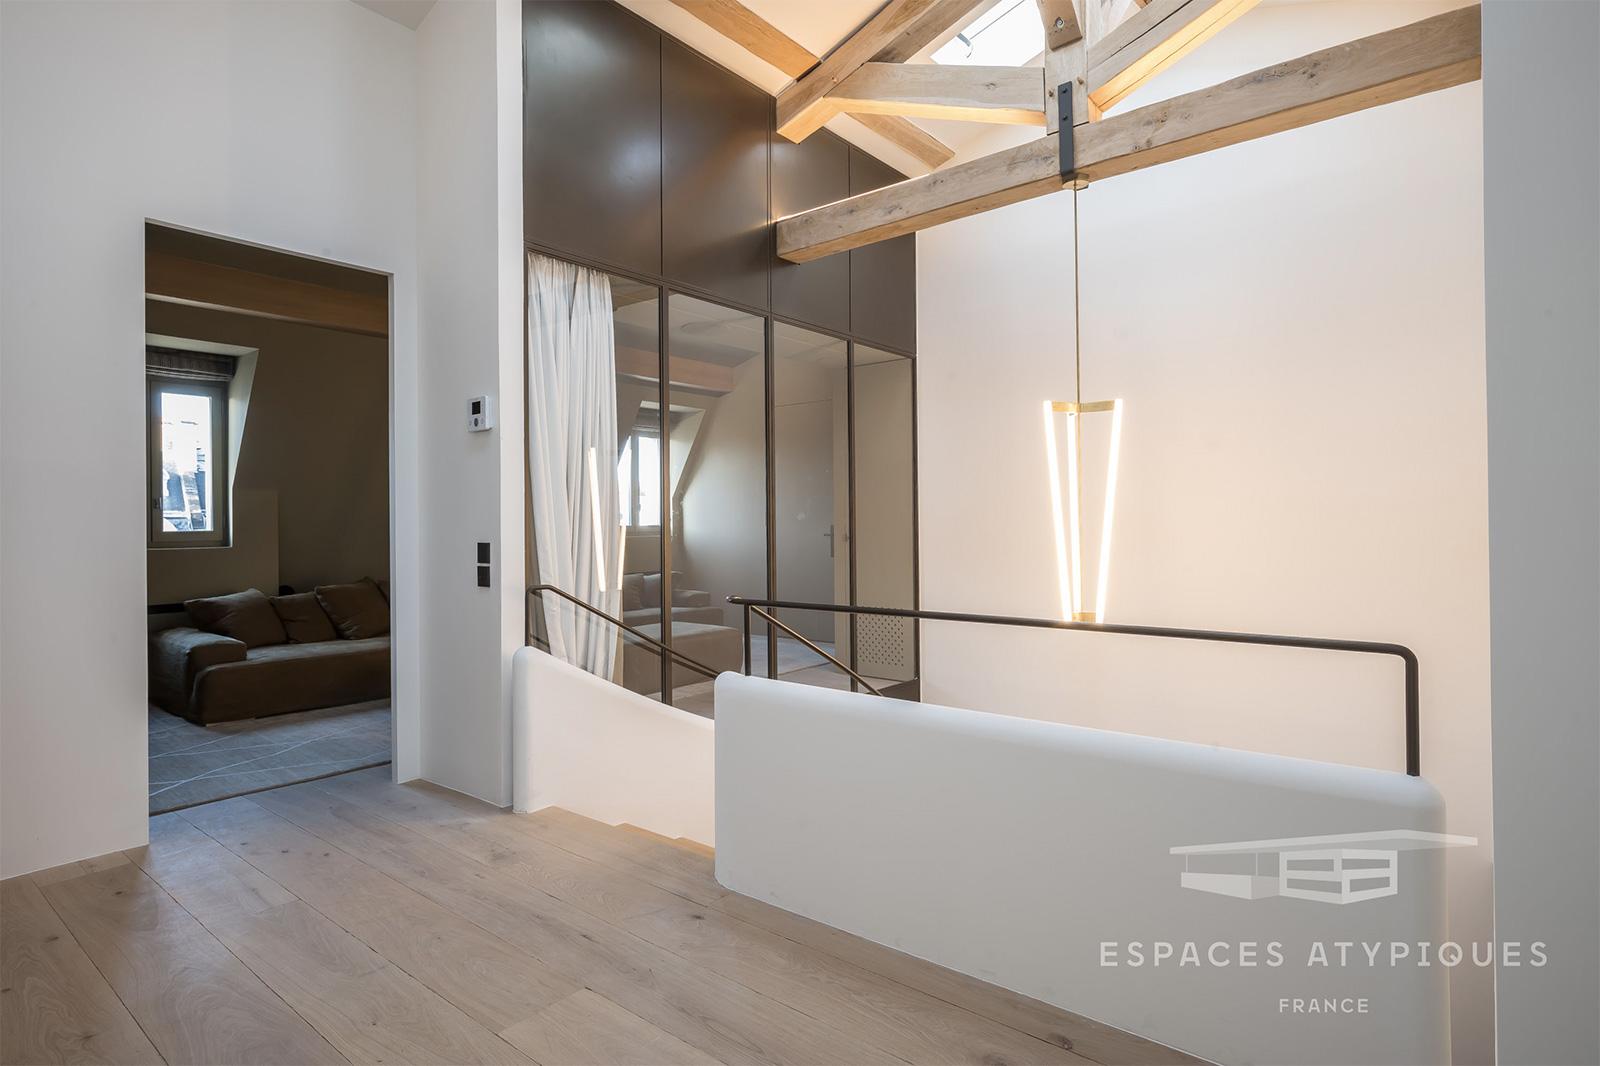 A minimalist duplex by the Champs Élysées lists for €8.5m